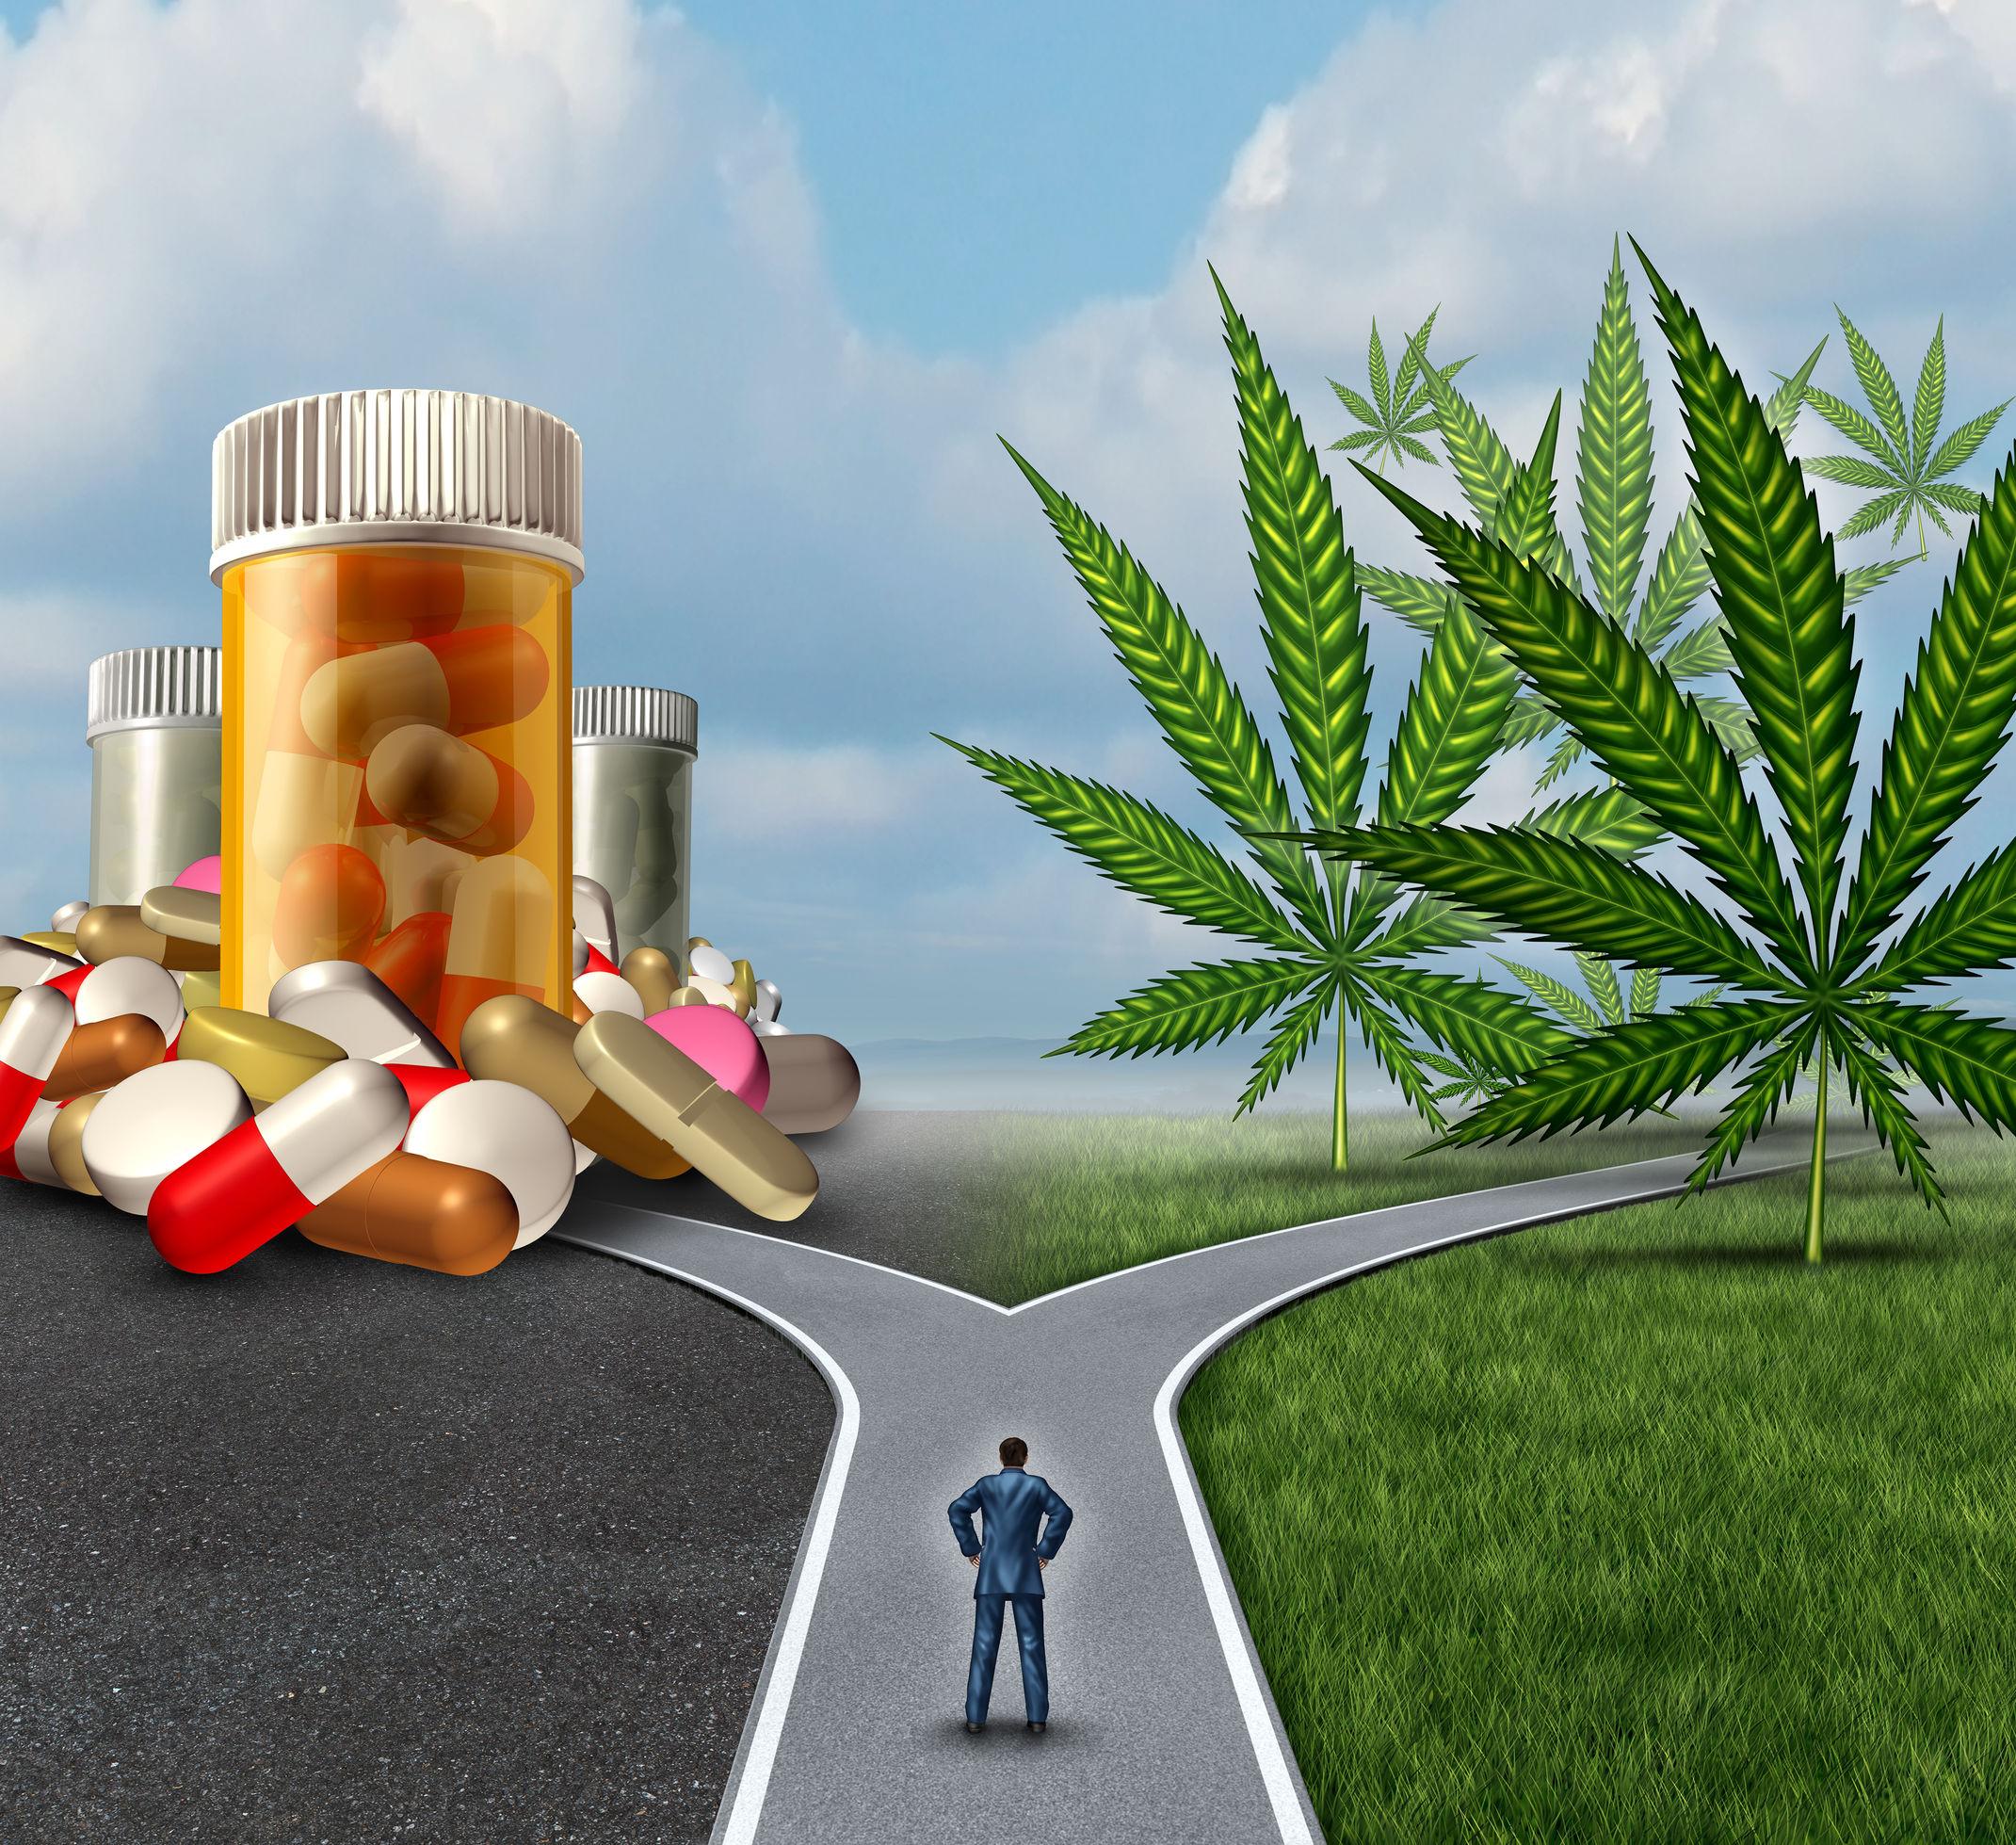 mj_vs_opioid.jpg